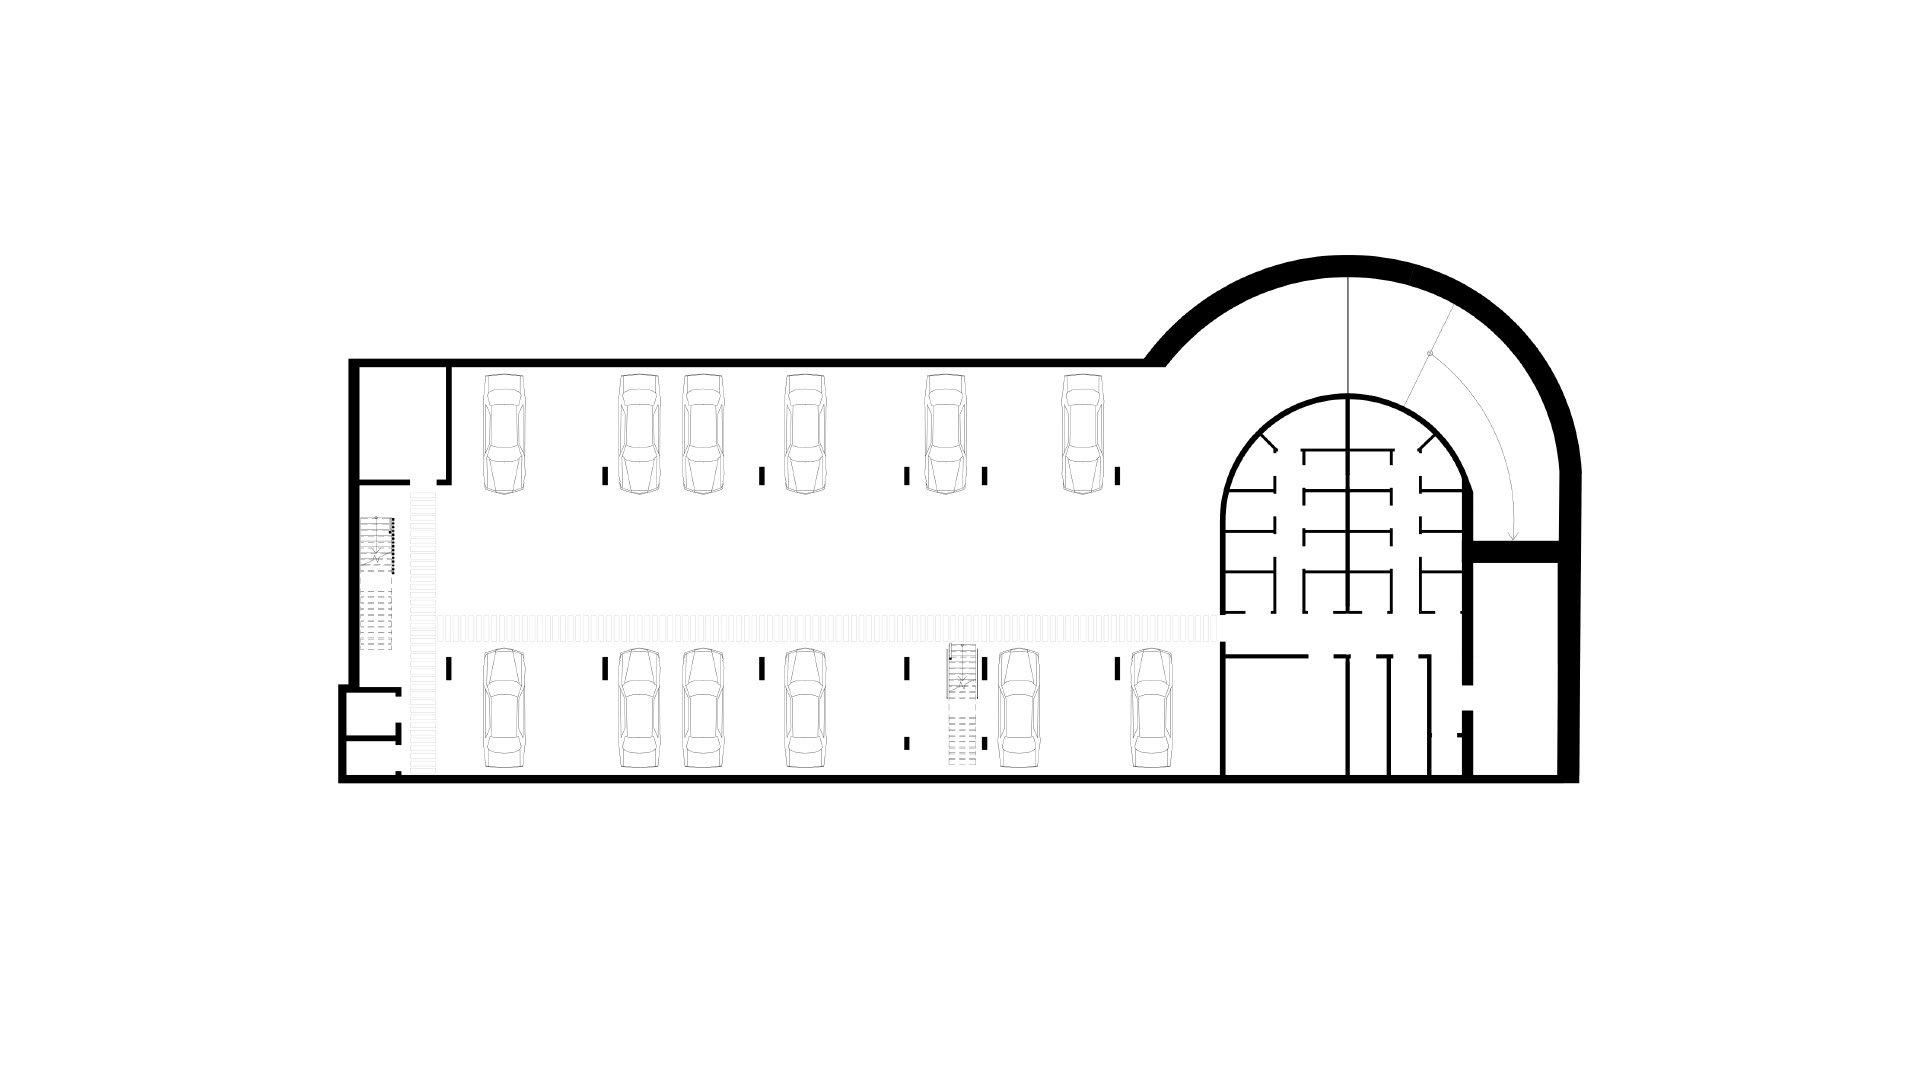 Trojka, parkeergarage, Scherpenheuvel-Zichem-139065034